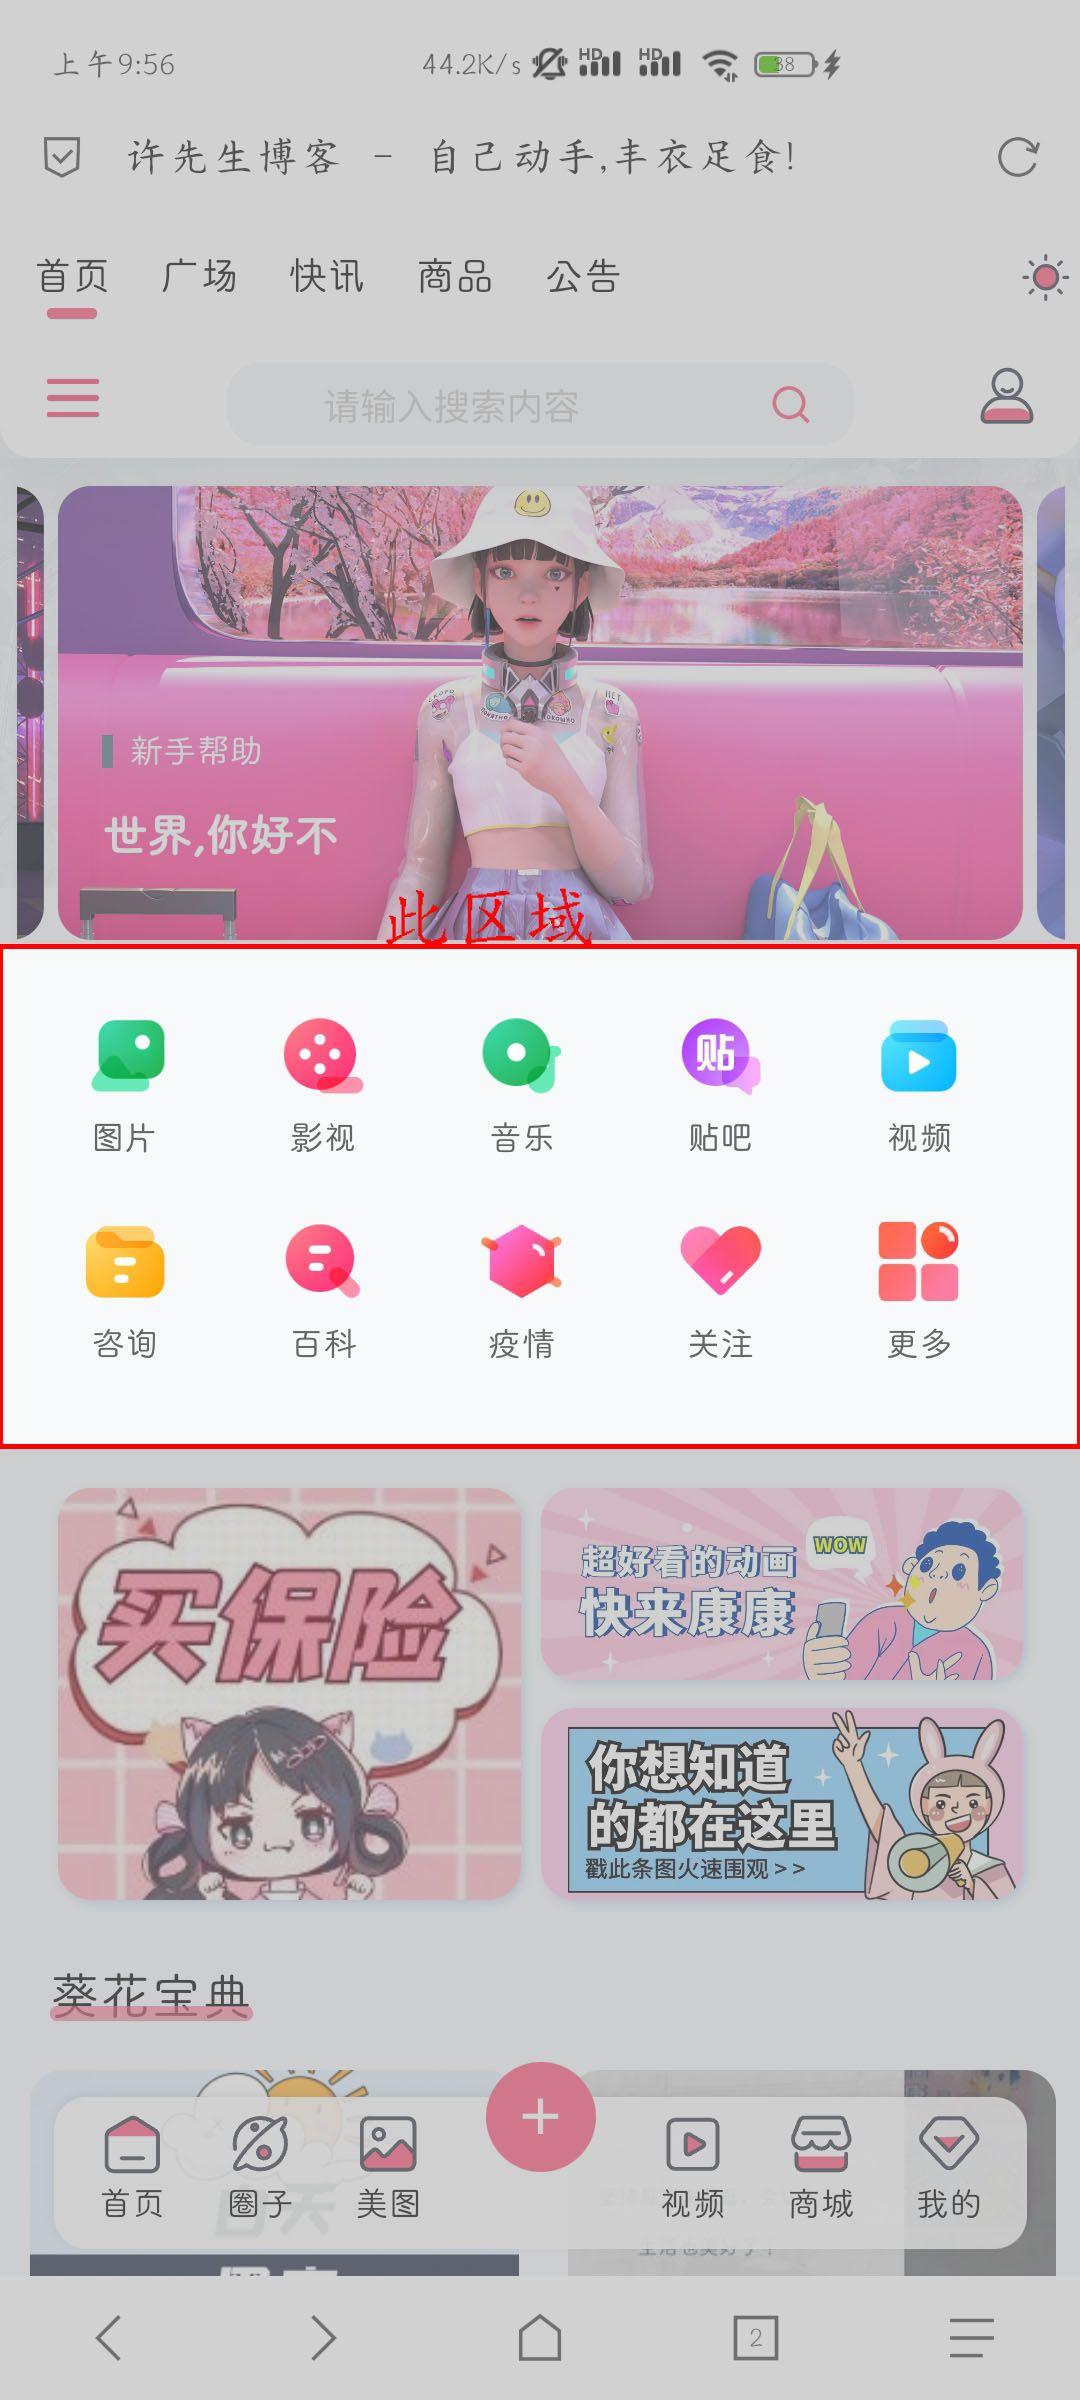 screenshot_2021-07-29-09-56-14-443.jpg